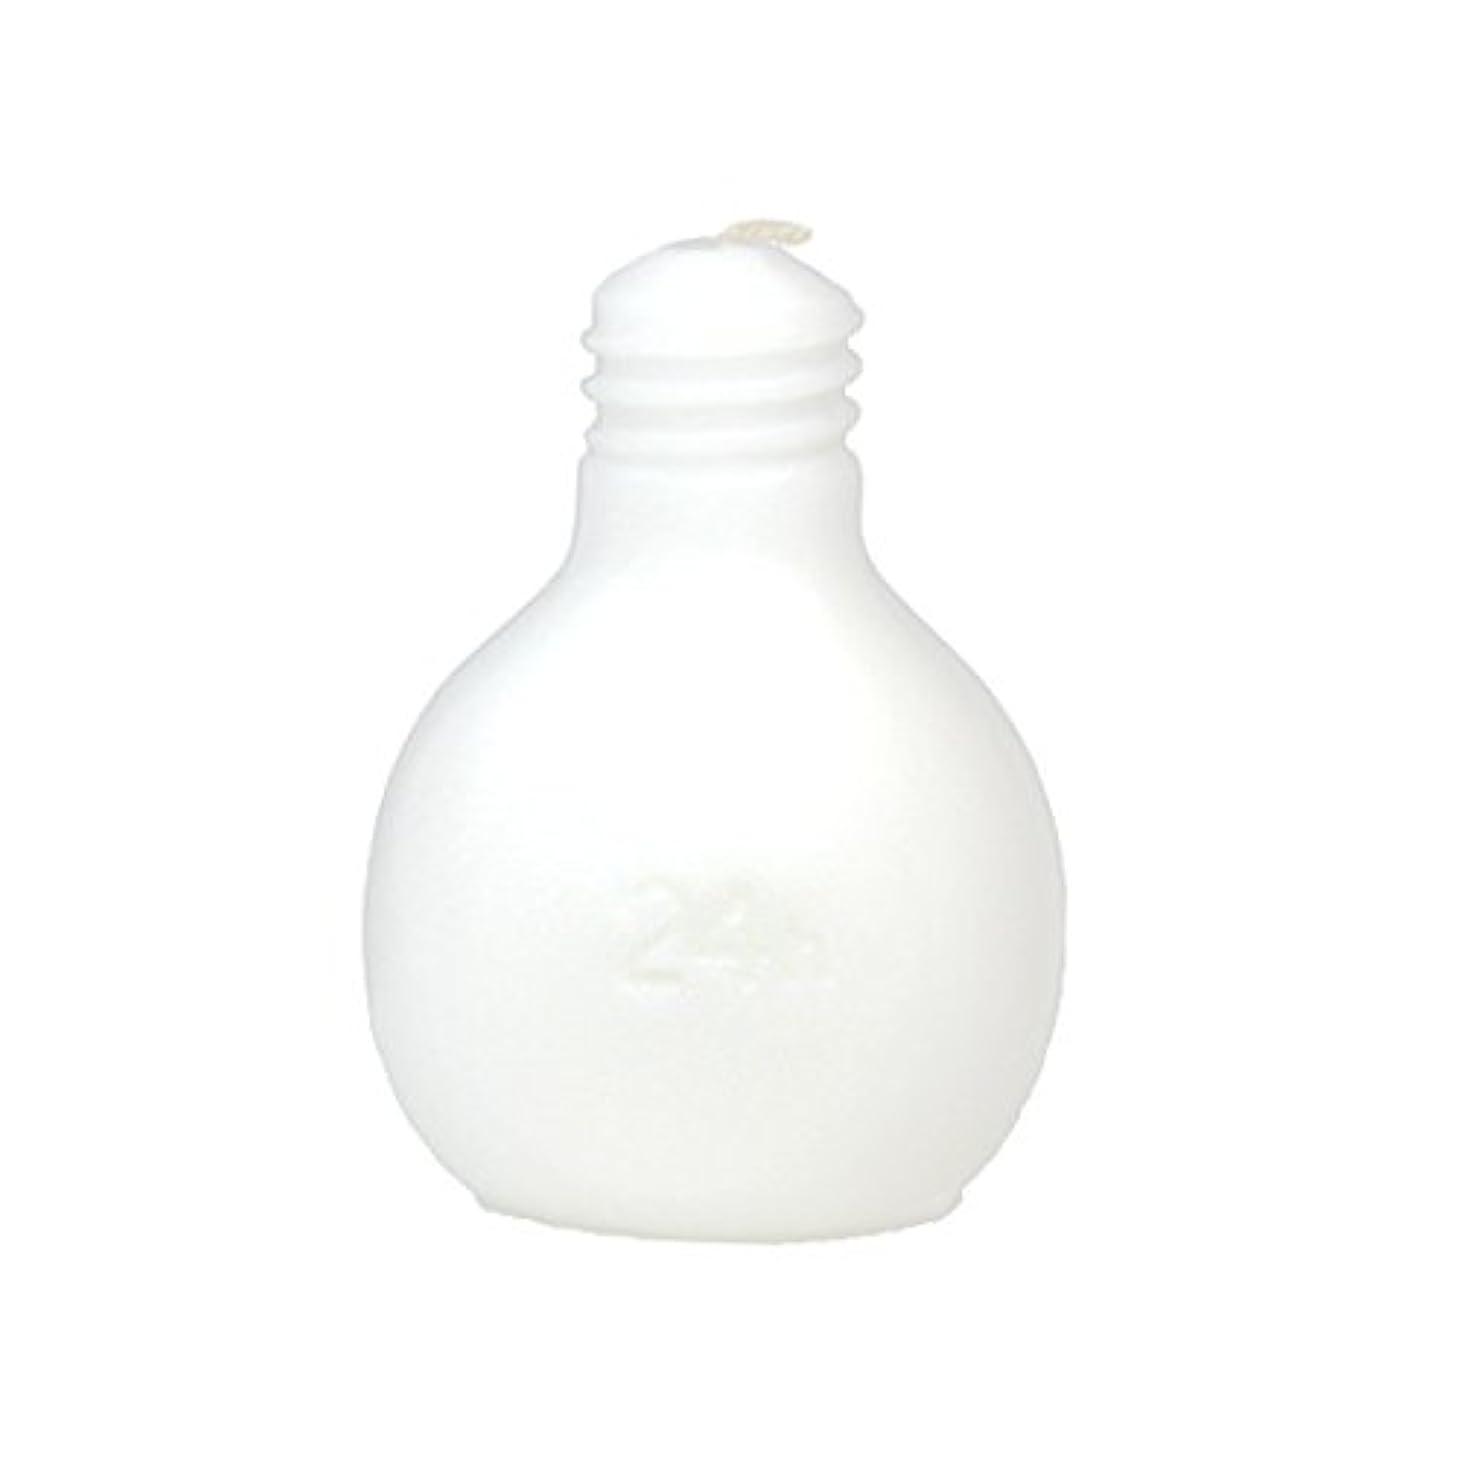 刈り取る敗北酸カメヤマキャンドルハウス 節電球キャンドル  ホワイト